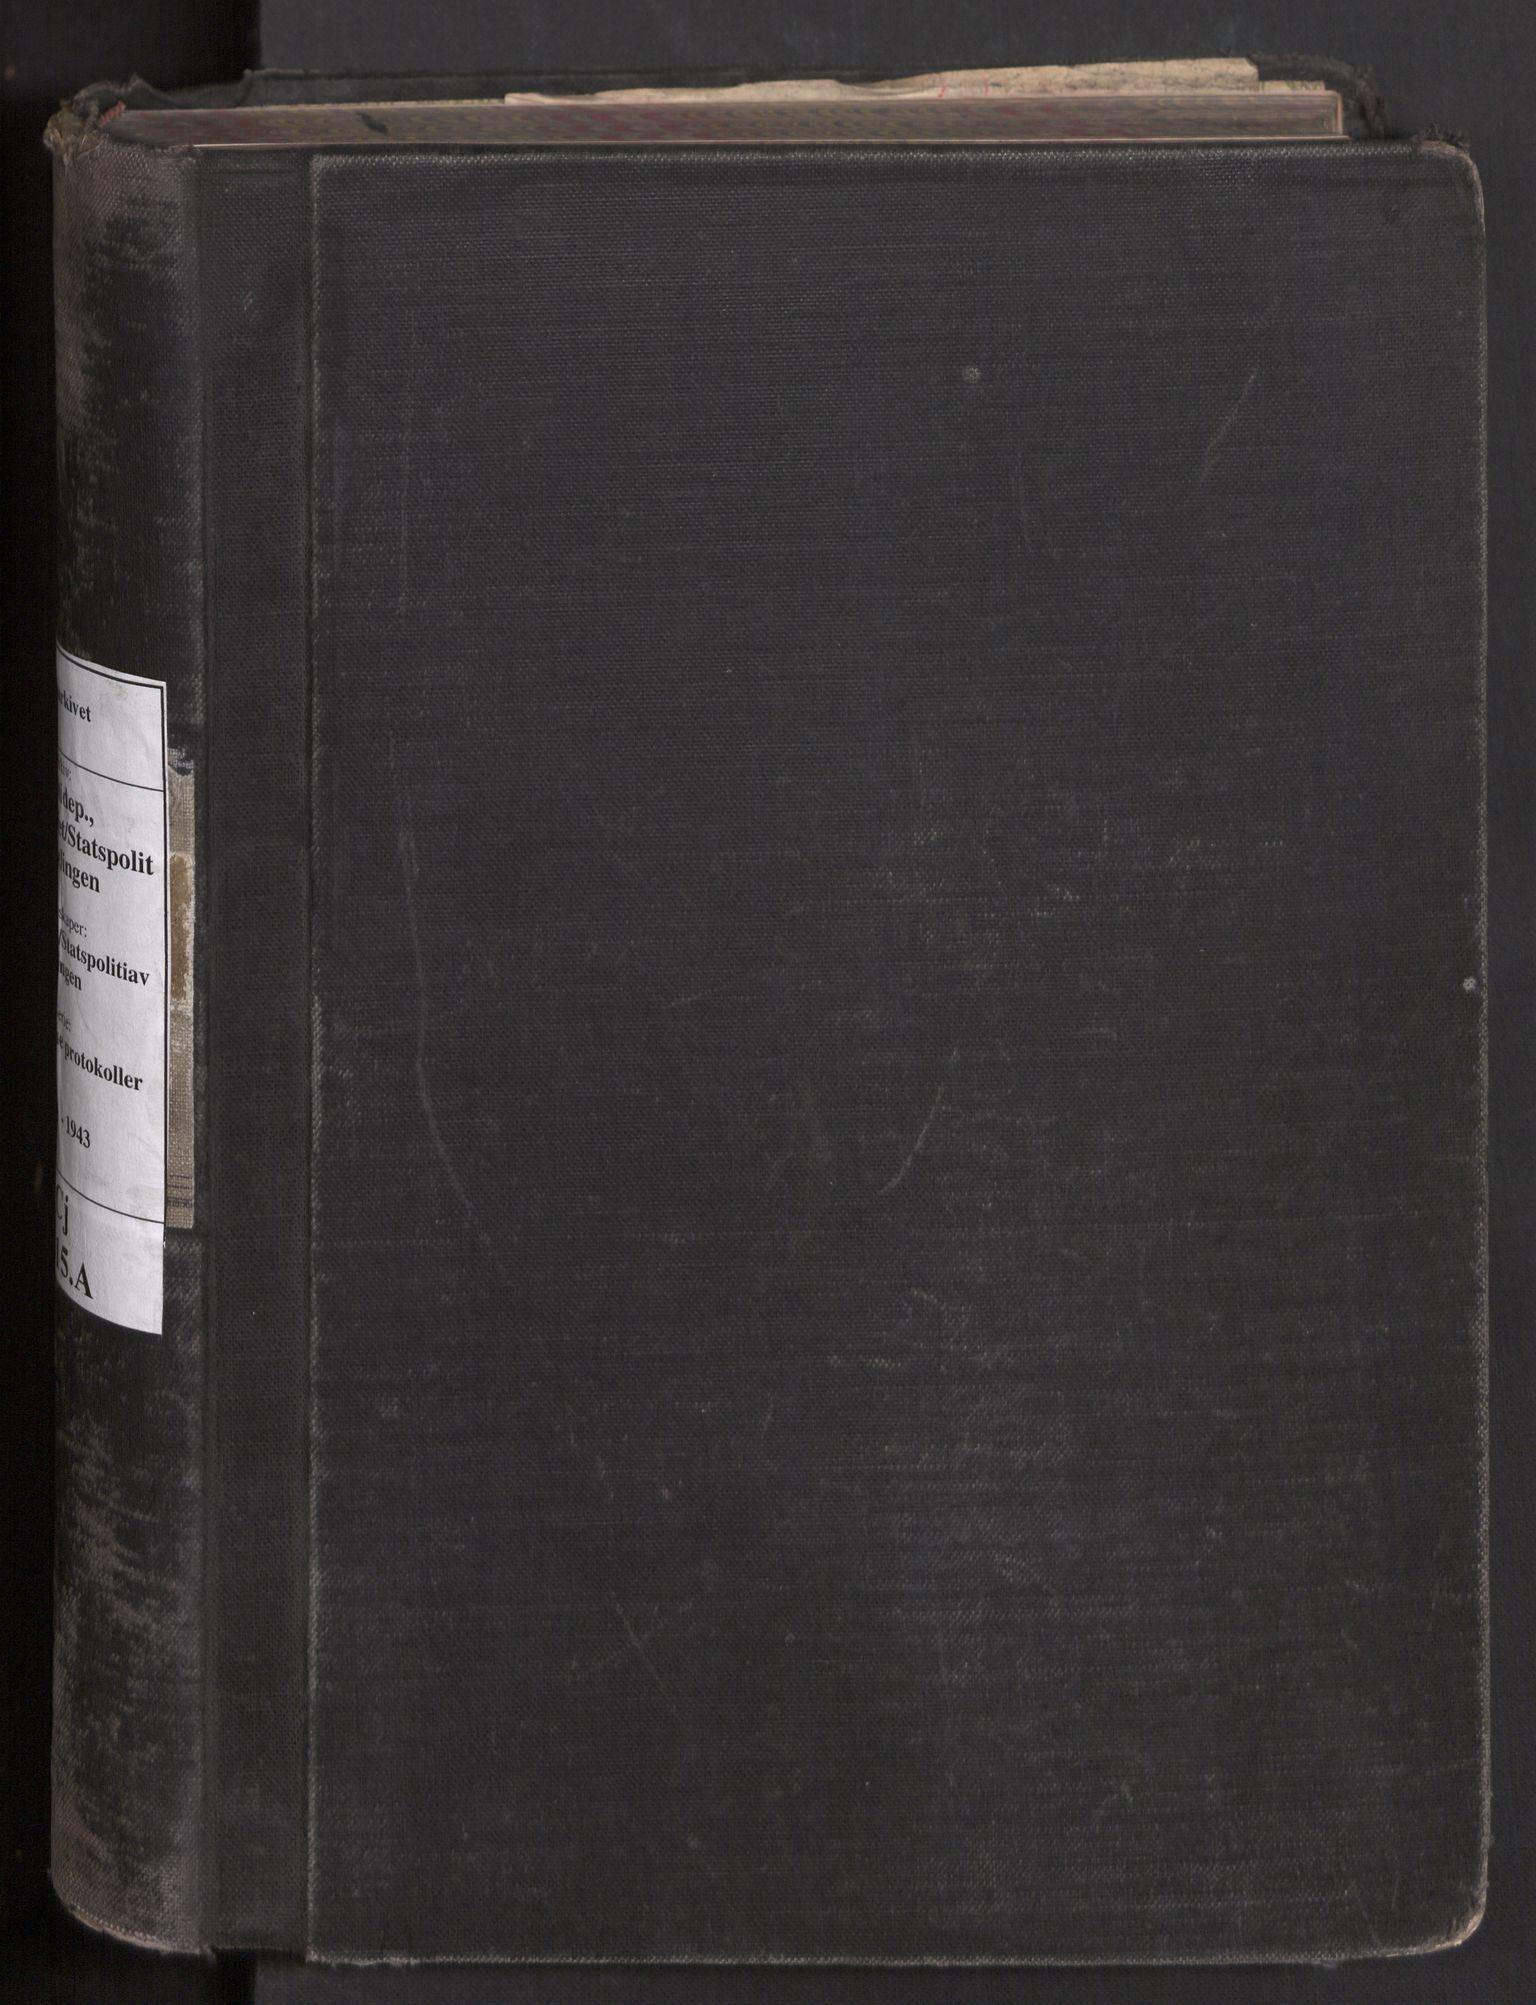 RA, Statspolitiet - Hovedkontoret / Osloavdelingen, C/Cj/L0015A: Fengslingsjournal, 1941-1943